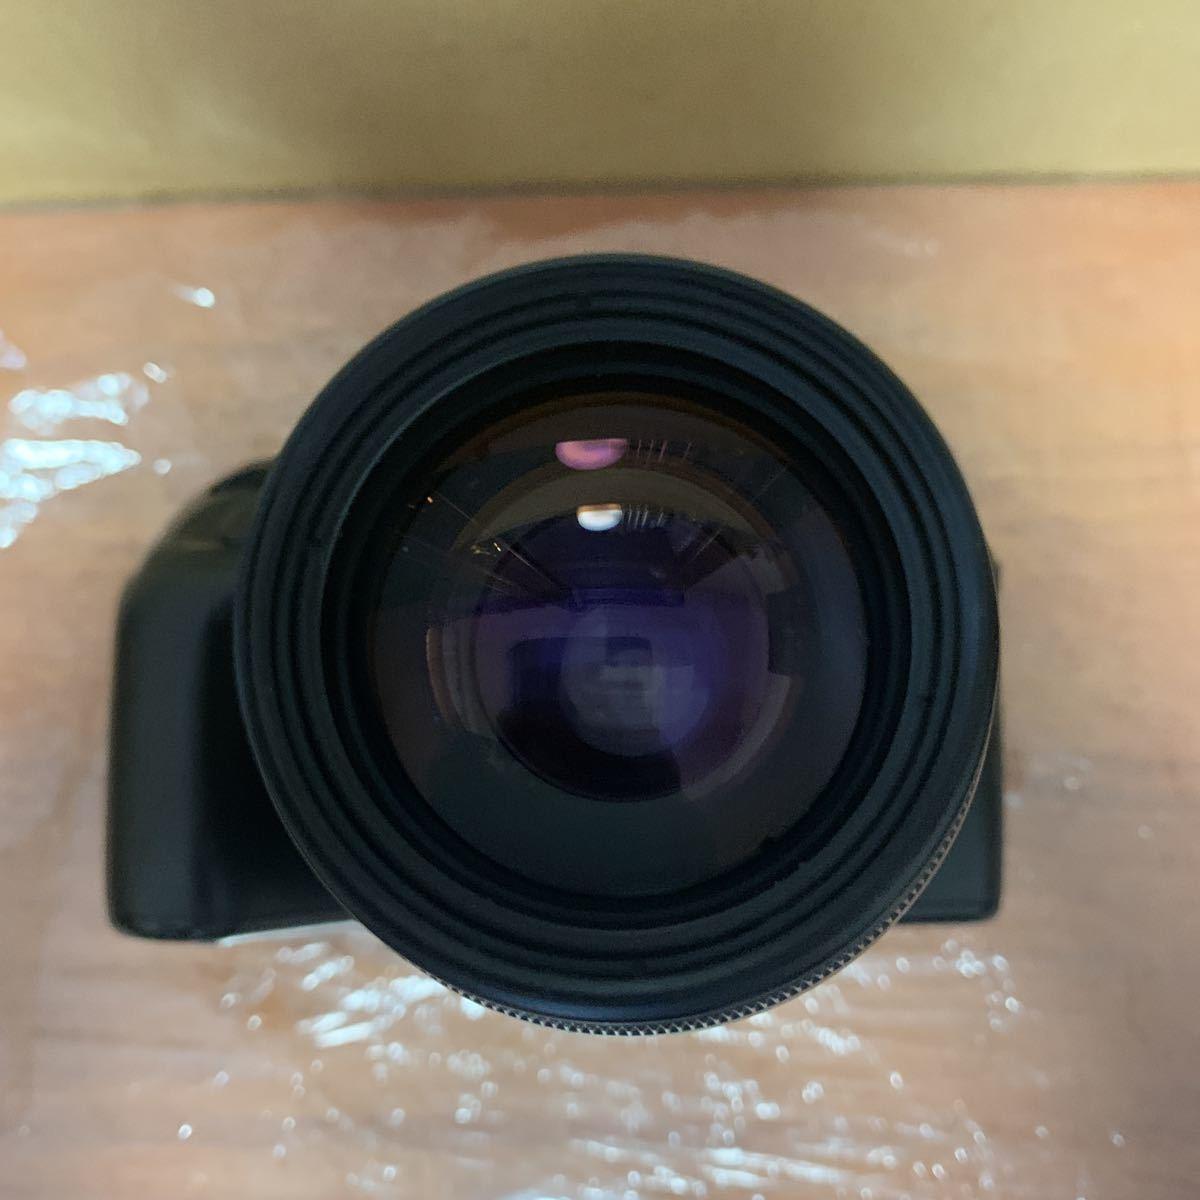 PENTAX Z - 1 ペンタックス 一眼レフカメラ フィルムカメラ 未確認 973_画像5